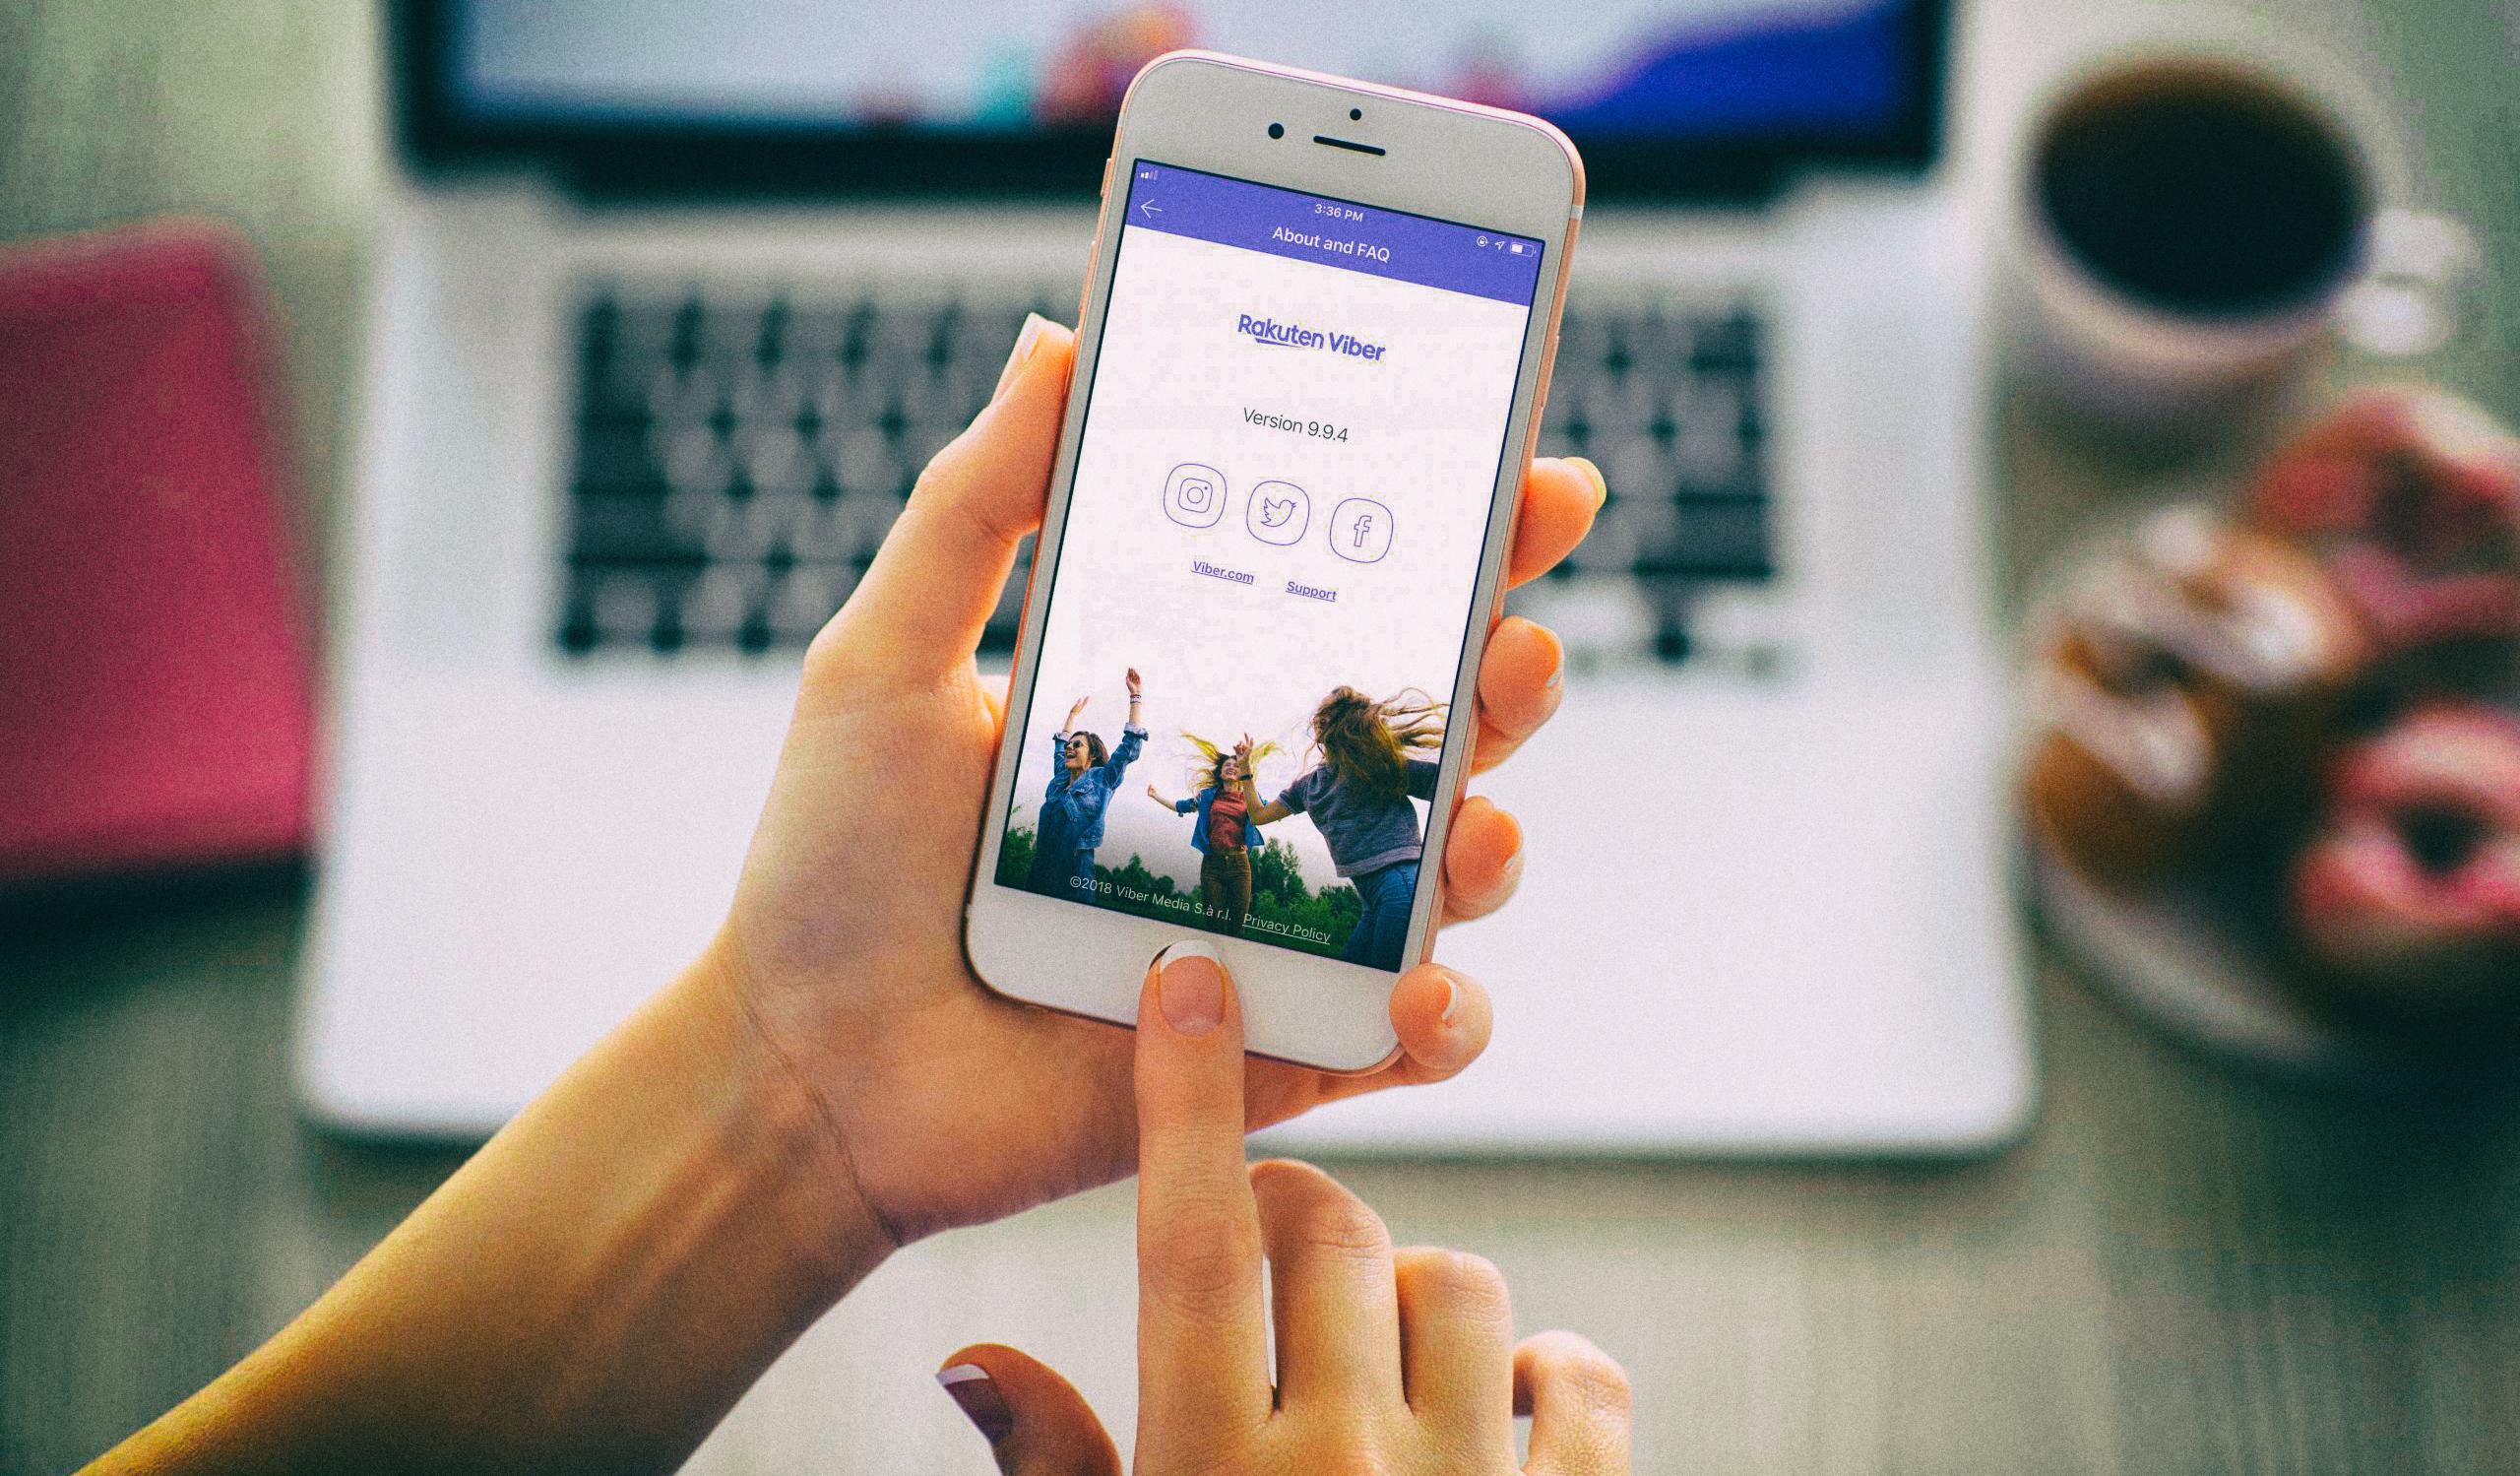 Новые функции Viber позволят использовать его в процессе обучения